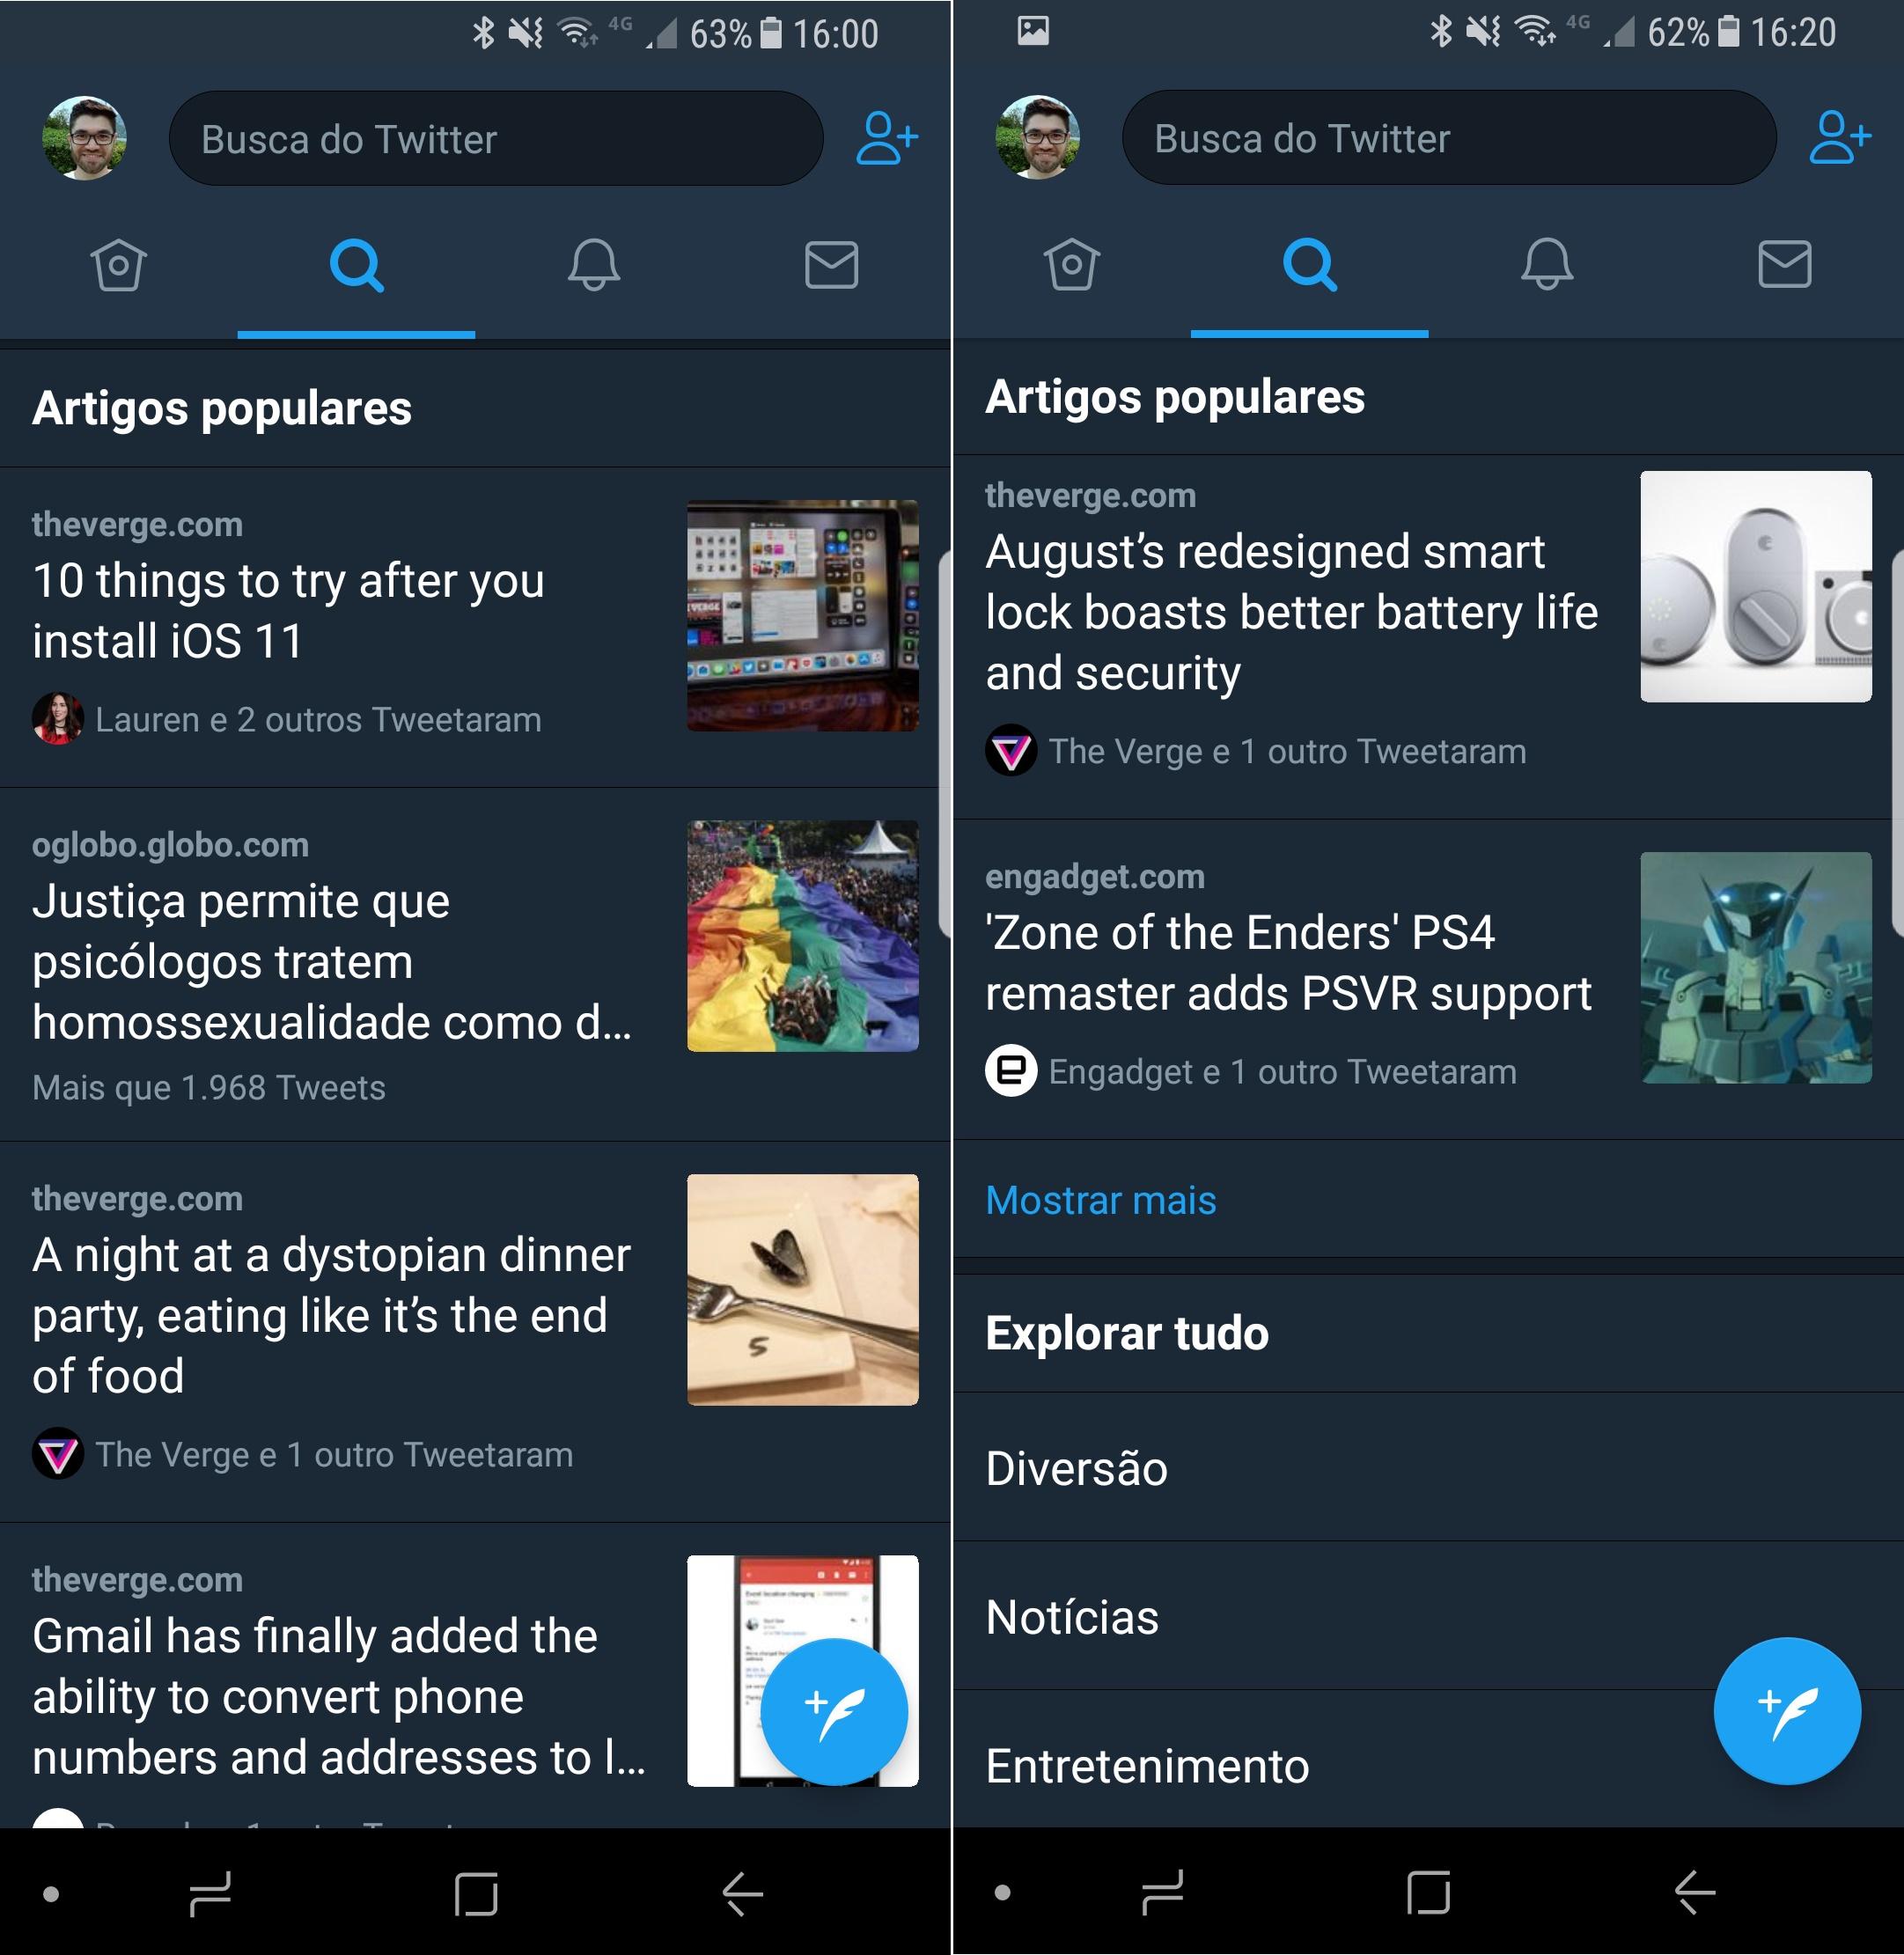 Uma captura de tela de celular